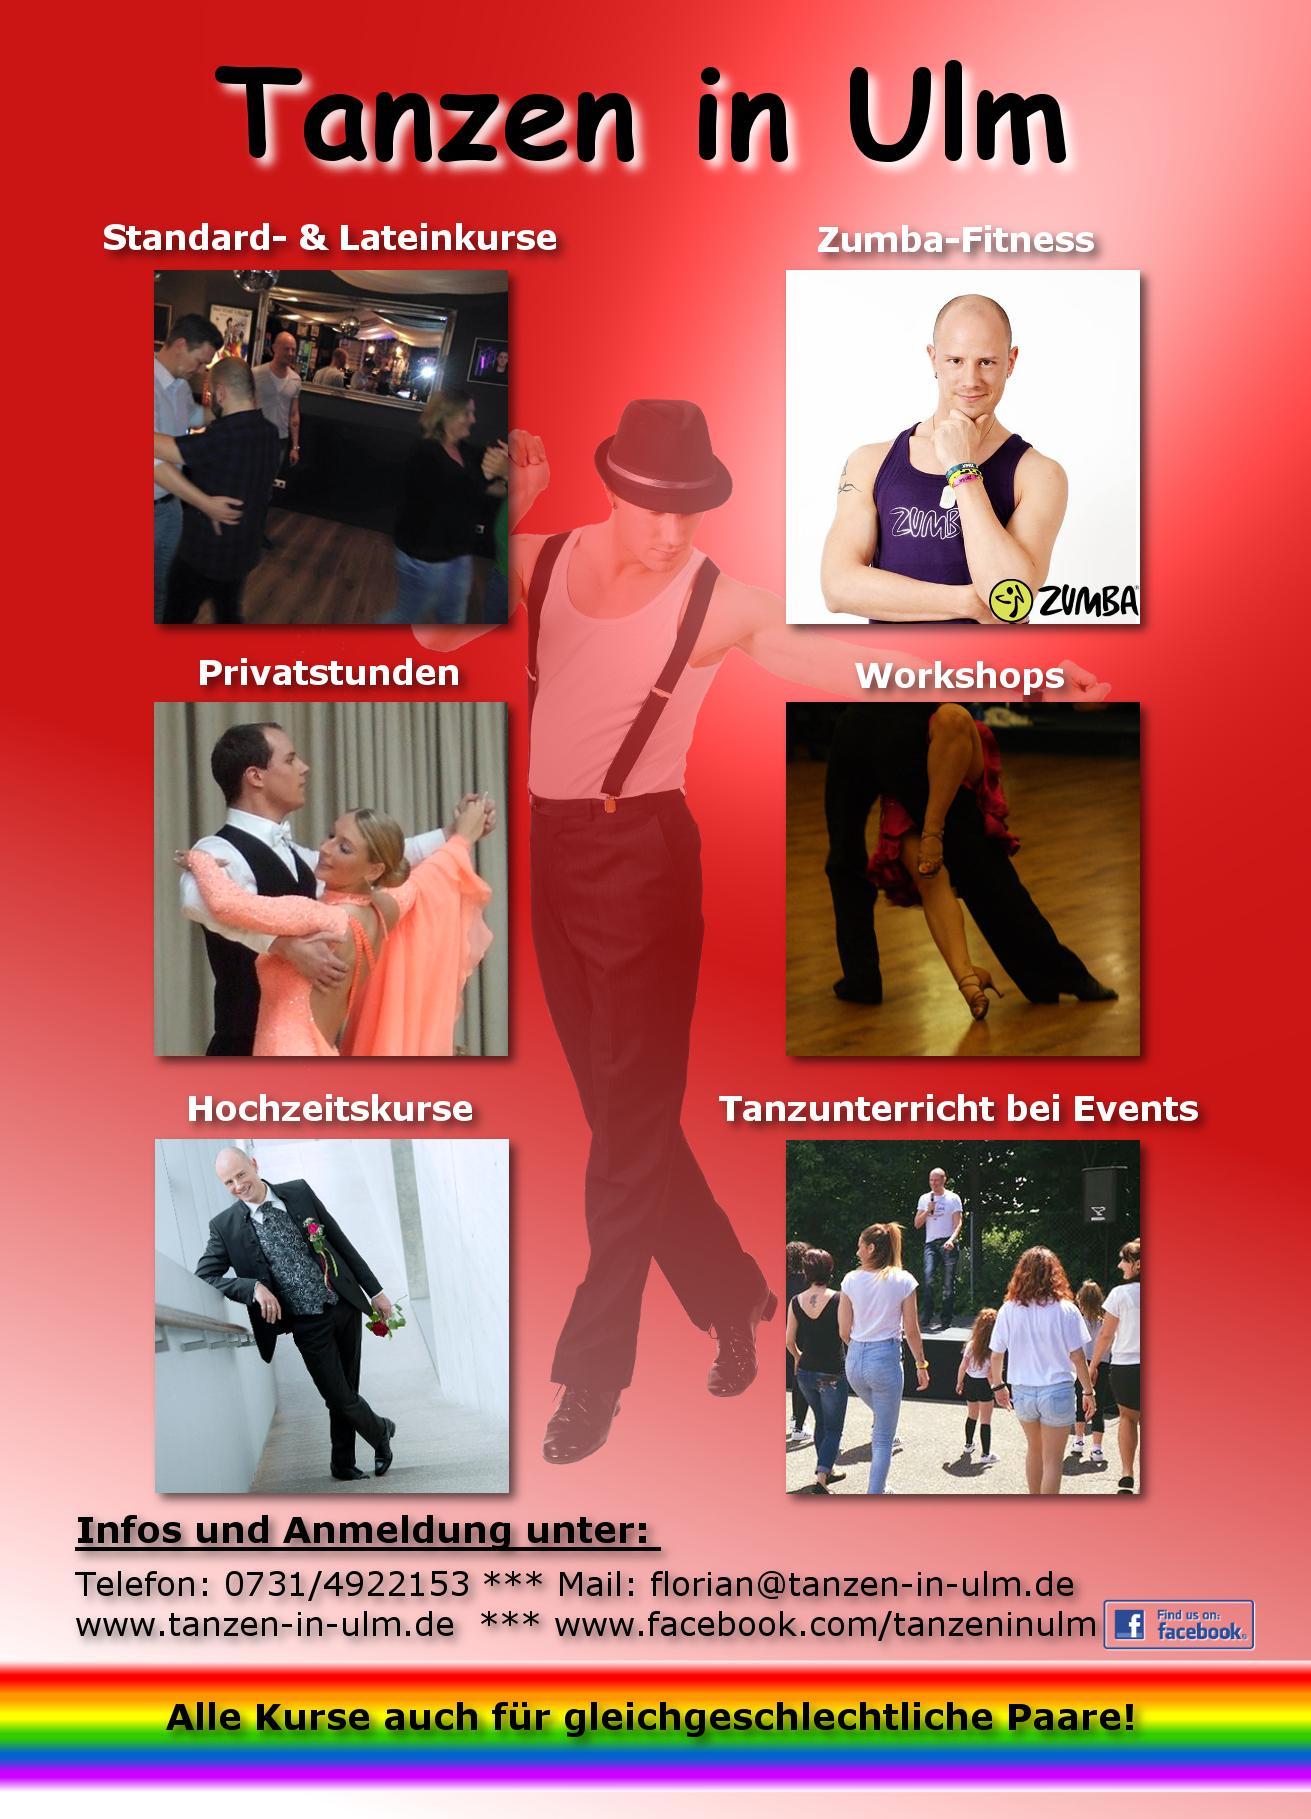 Tanzen oder Fitness oder beides? Wähle Deinen Lieblingskurs!